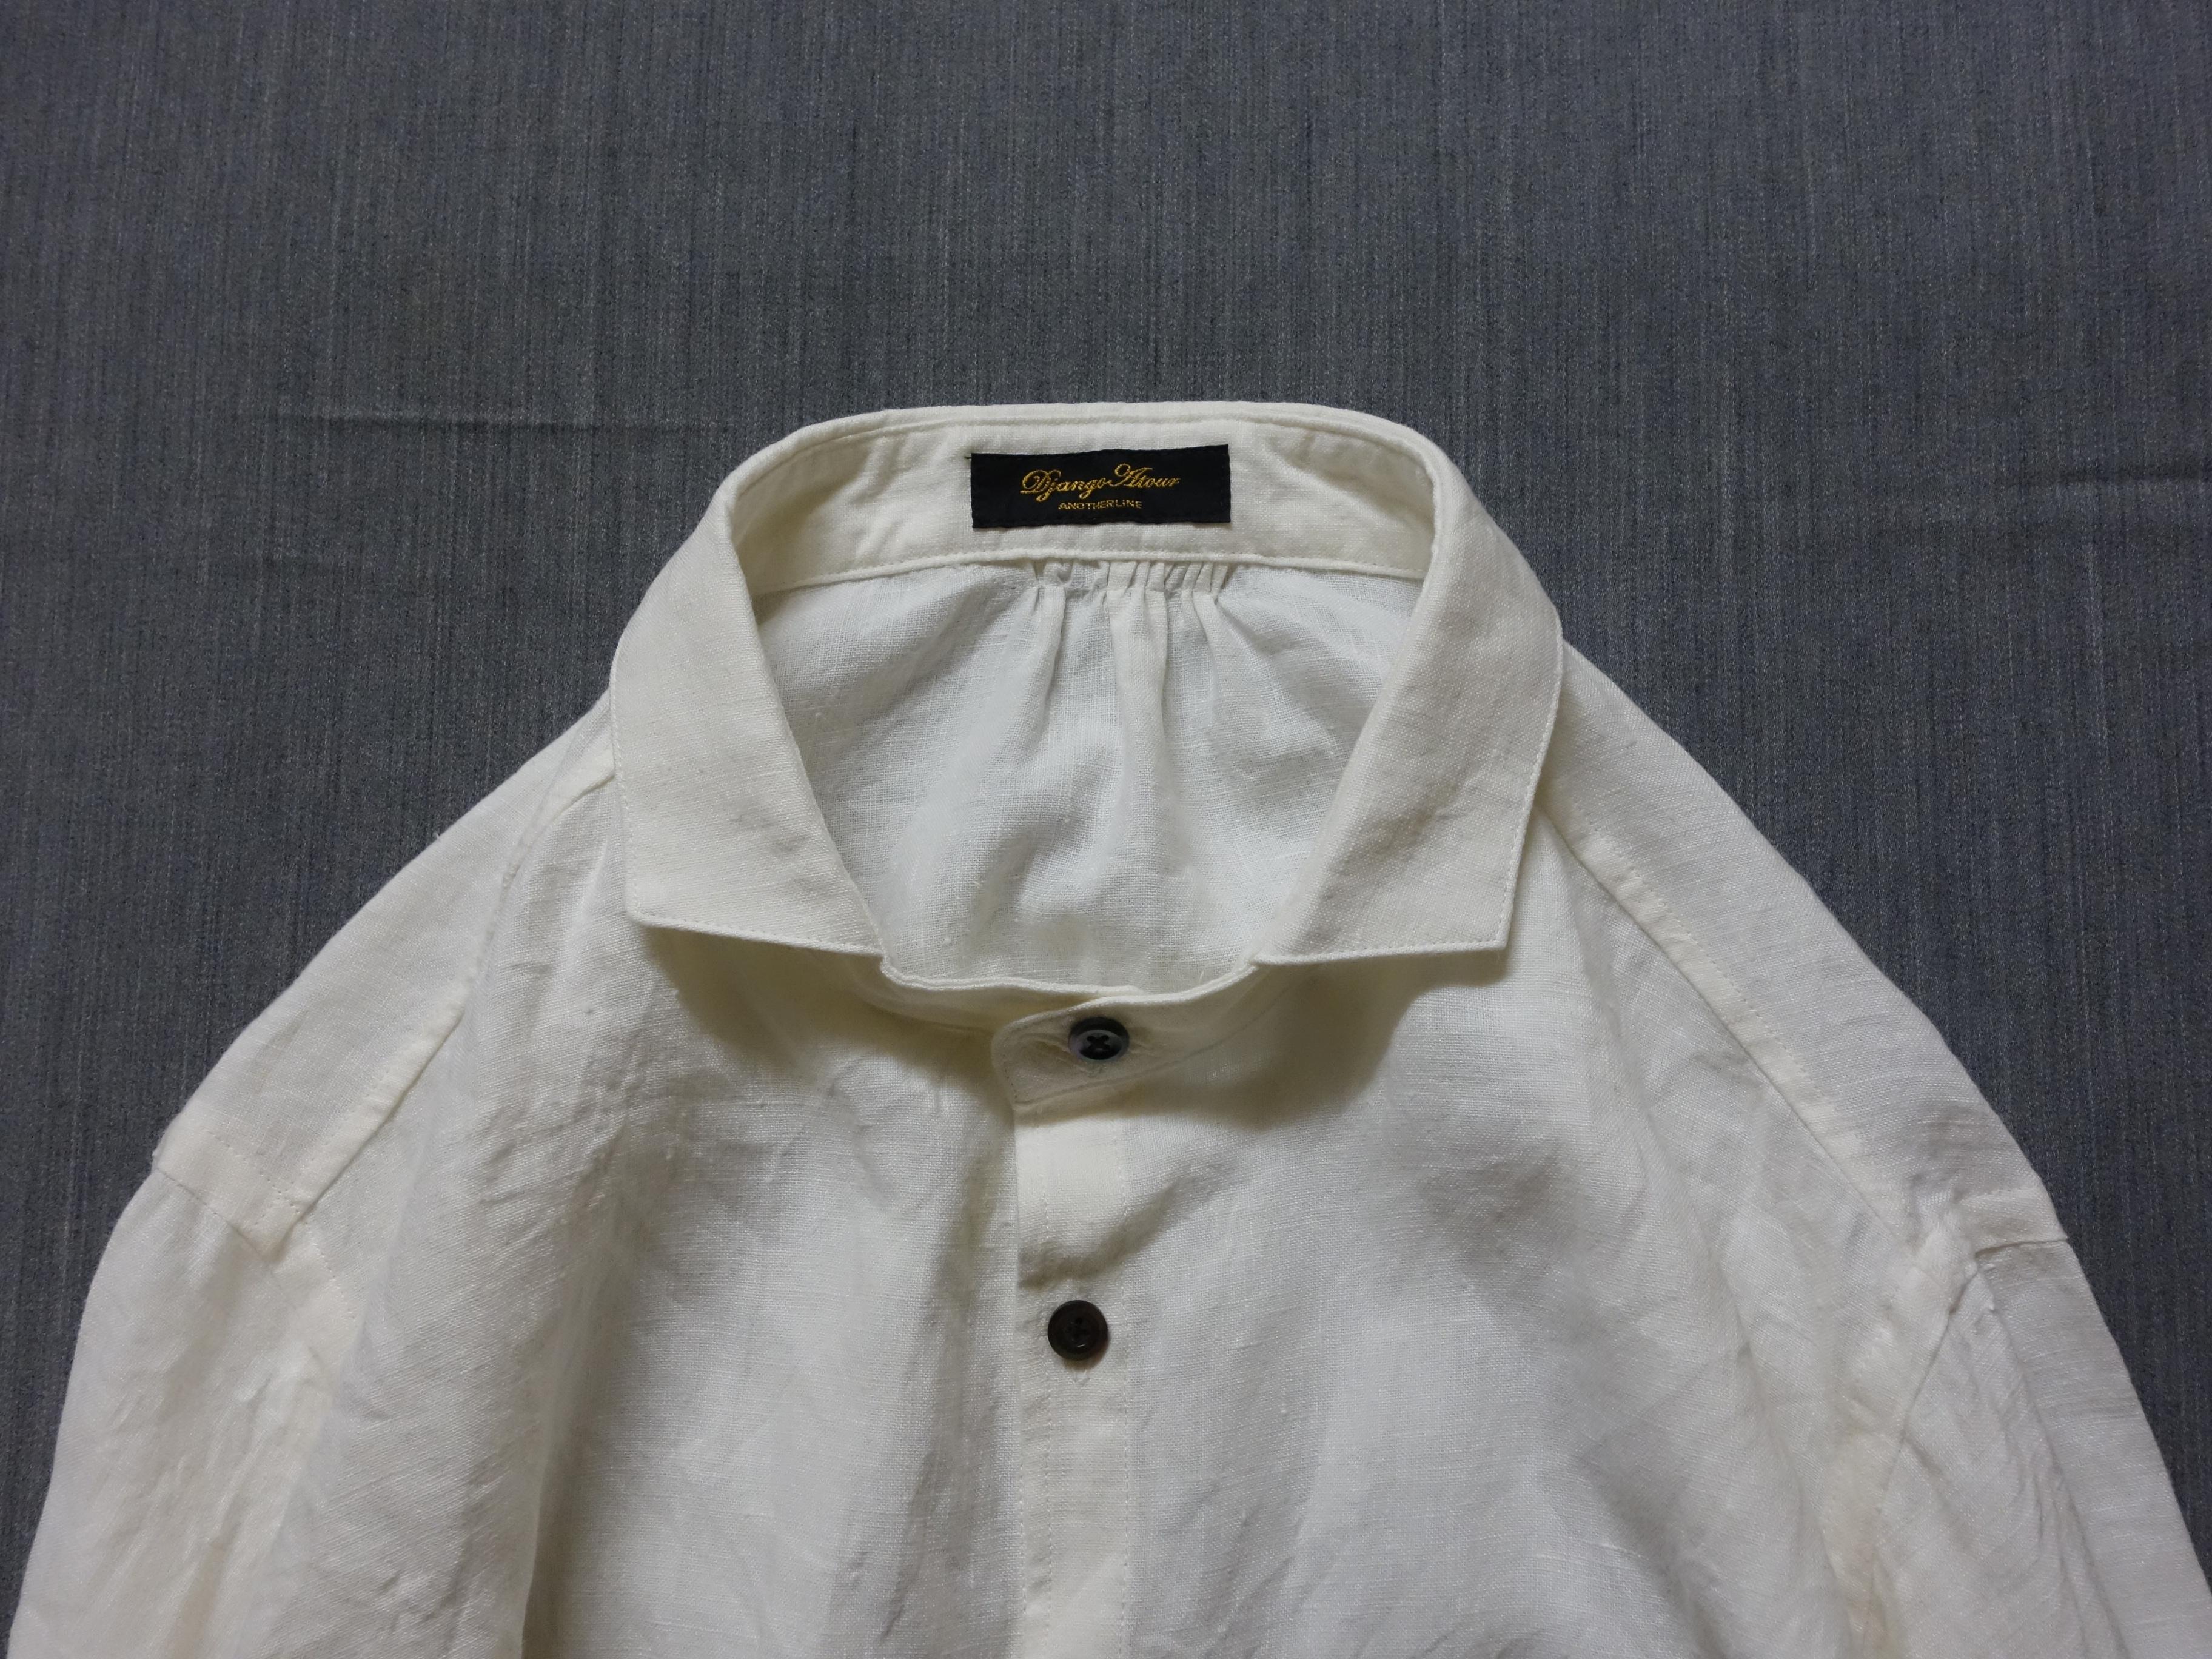 classic frenchwork premiumlinen shirt / natural white